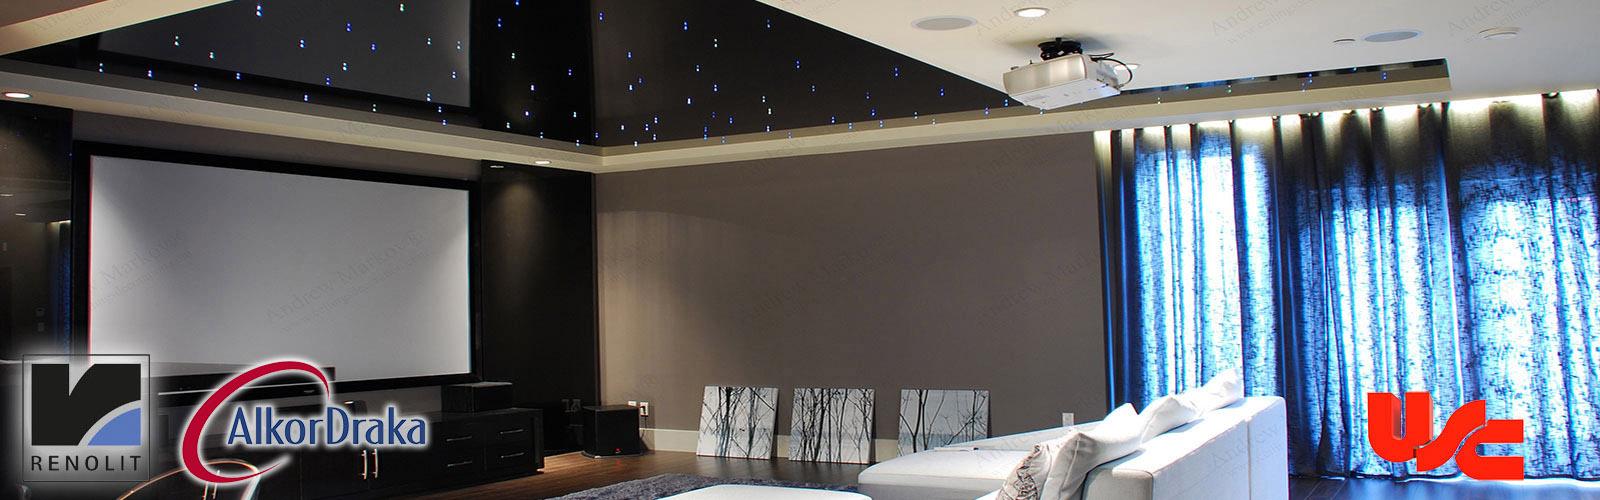 Gergi Tavan ile Fiber Optik aydınlatmanın muhteşem uyumu